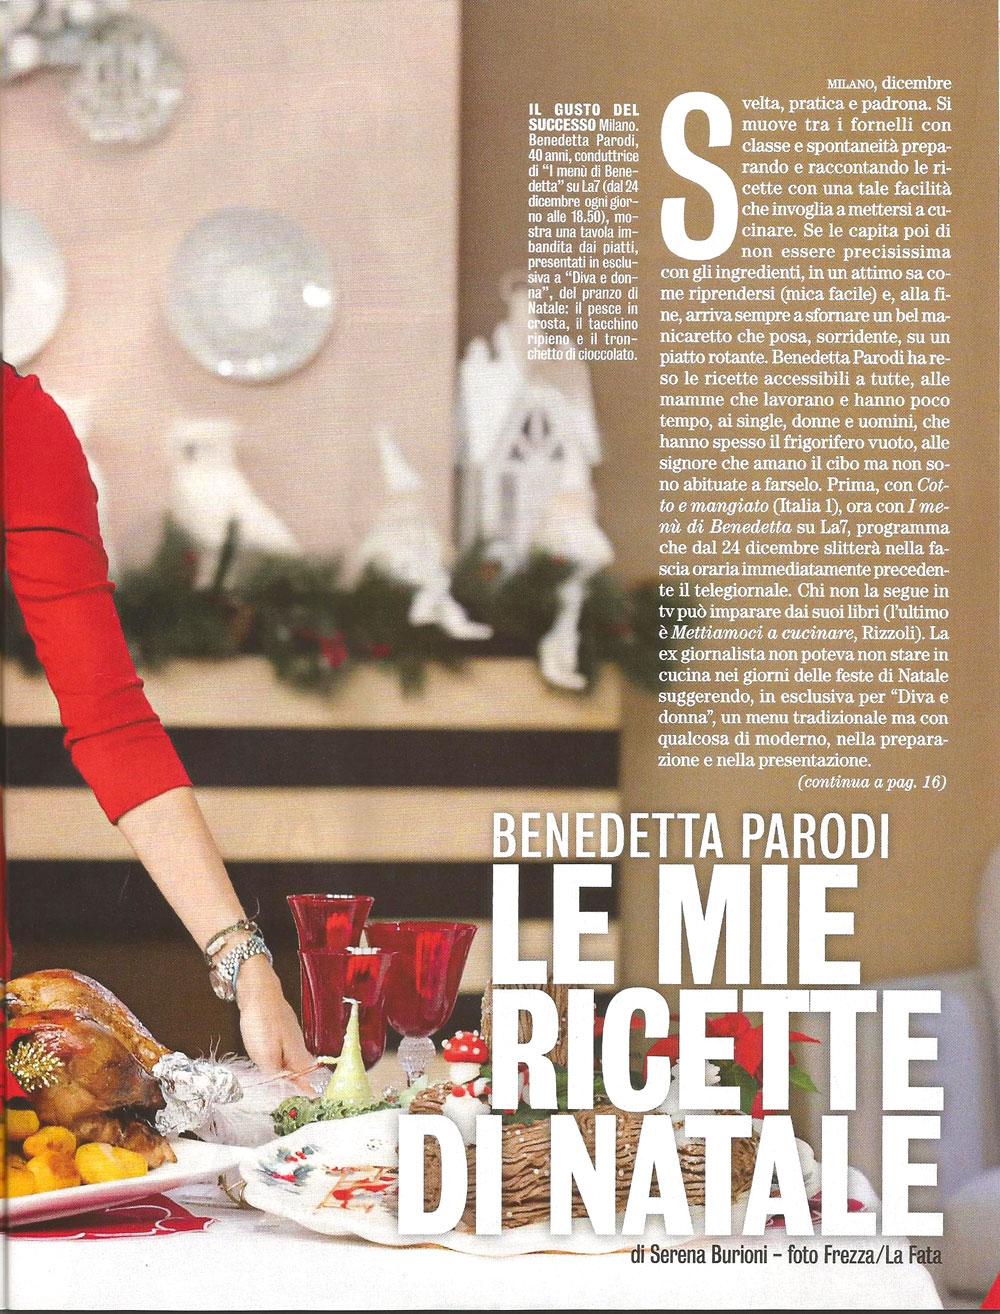 Stella Di Natale Benedetta Parodi.Diva E Donna Natale 2012 Lorenzo Boni Chef